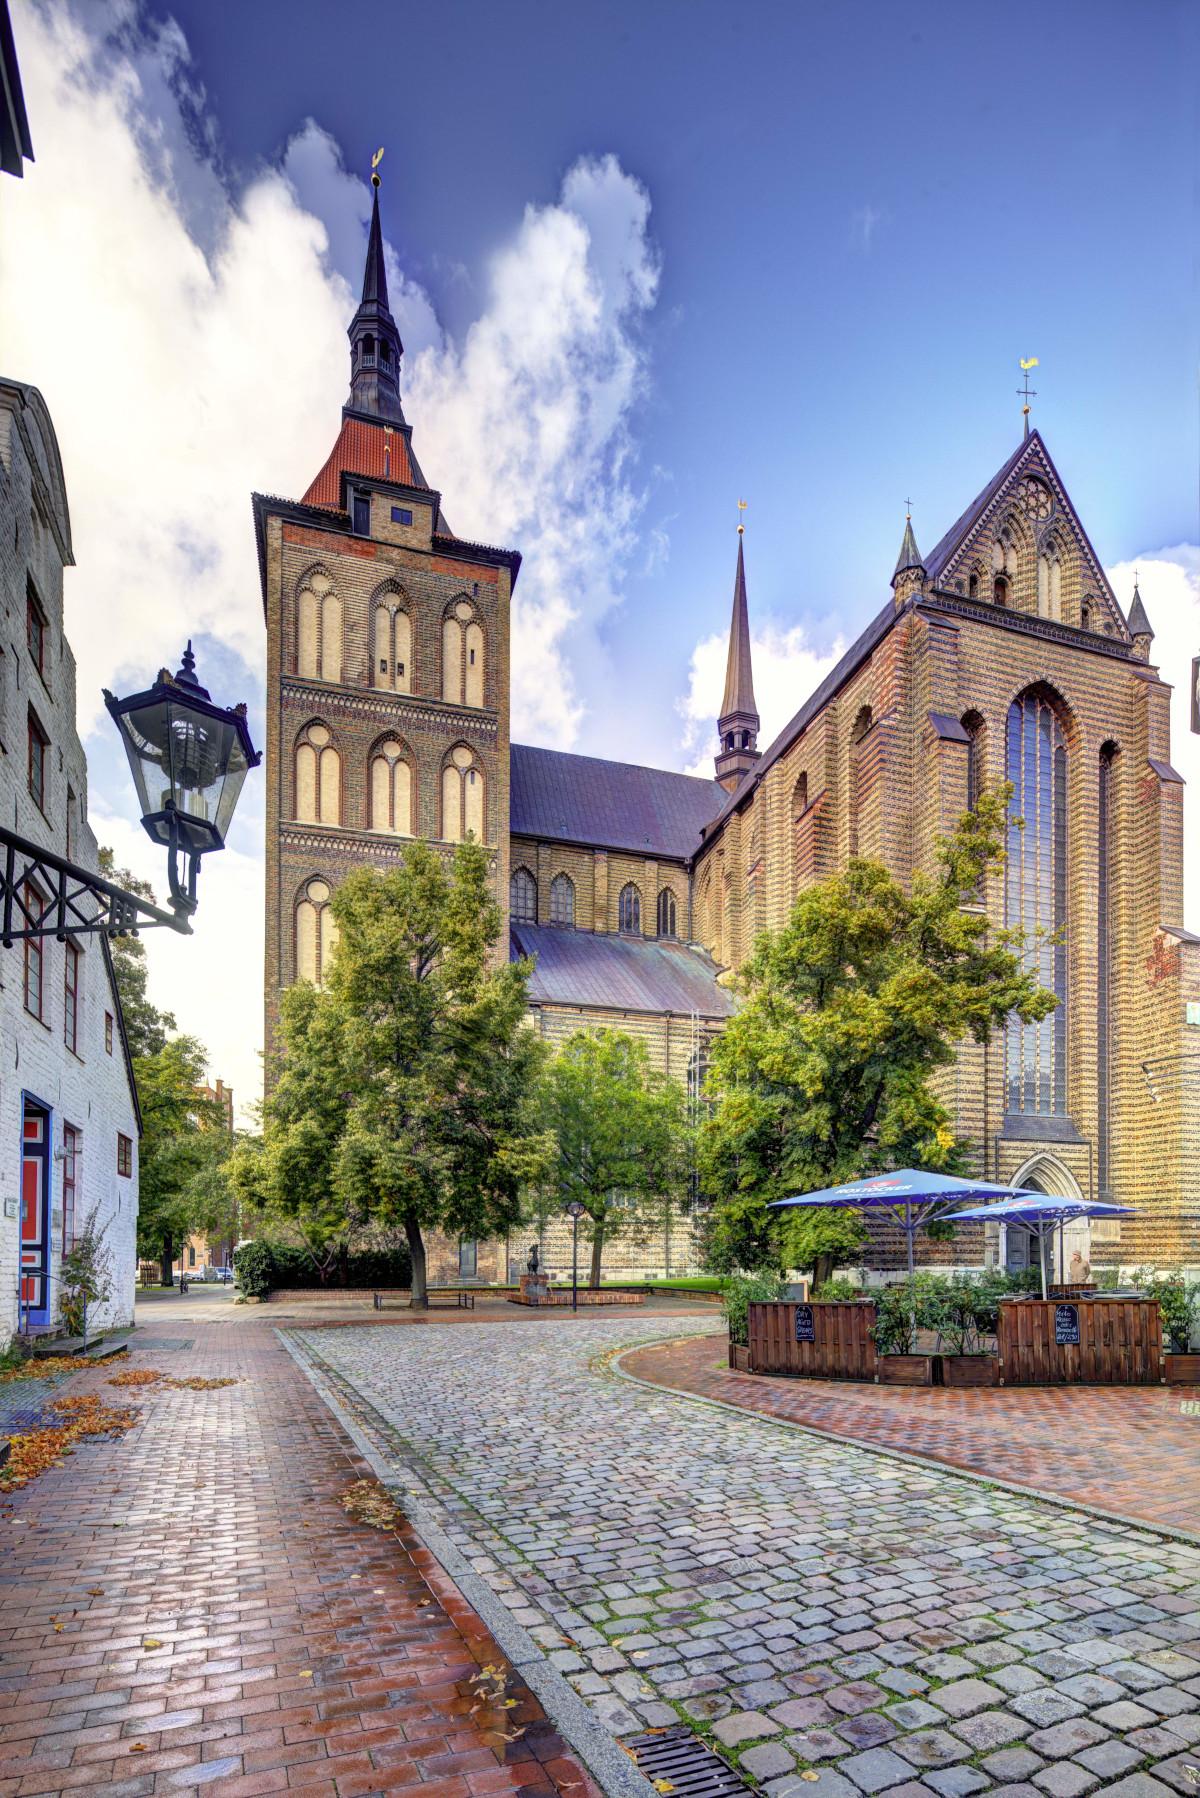 St.-Marien-Kirche, Blick vom Ziegenmarkt